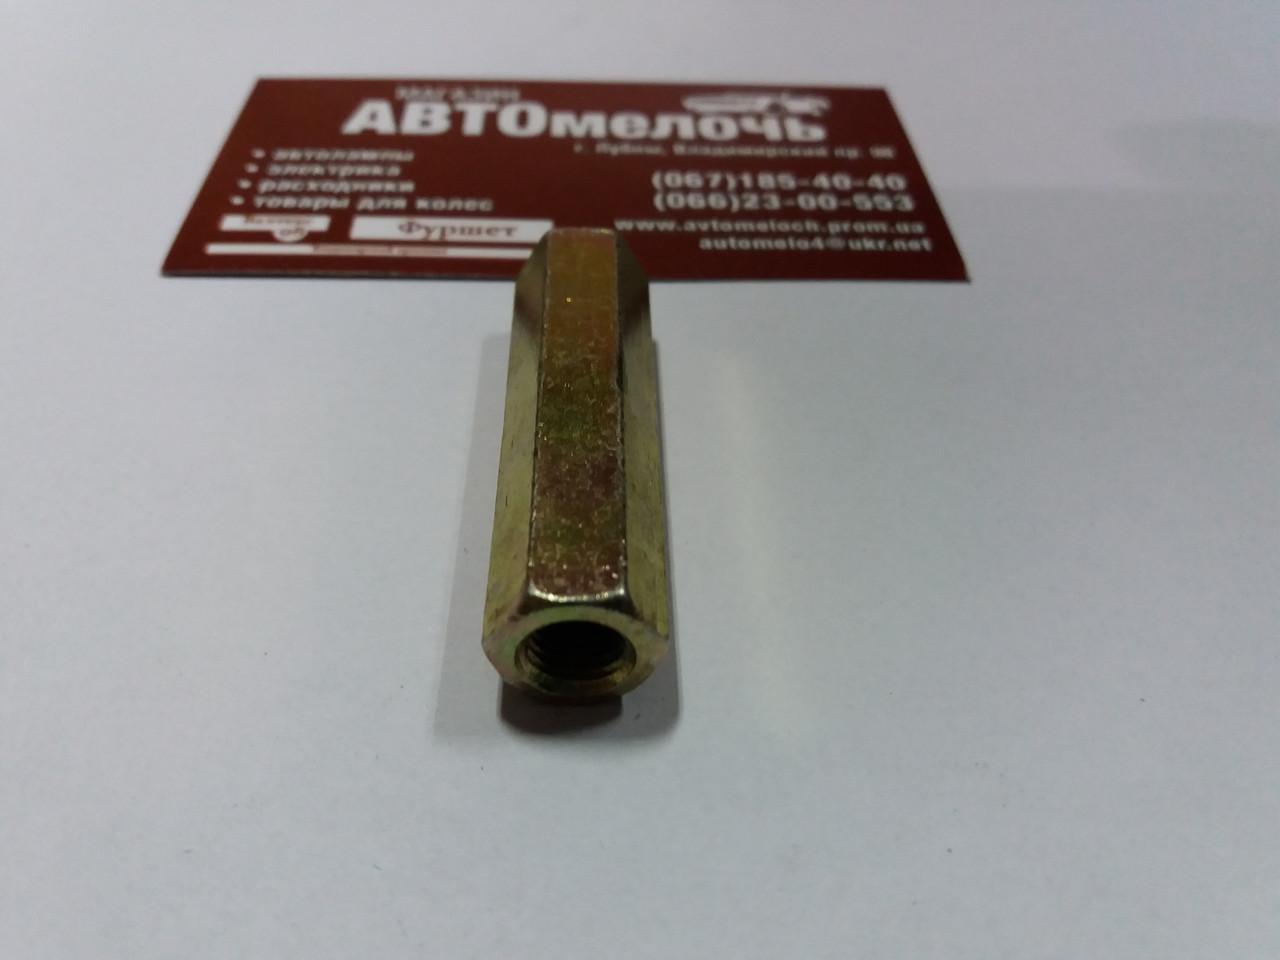 Гайка М8х1.25 ключ на 12, длинна 48 мм. глухая